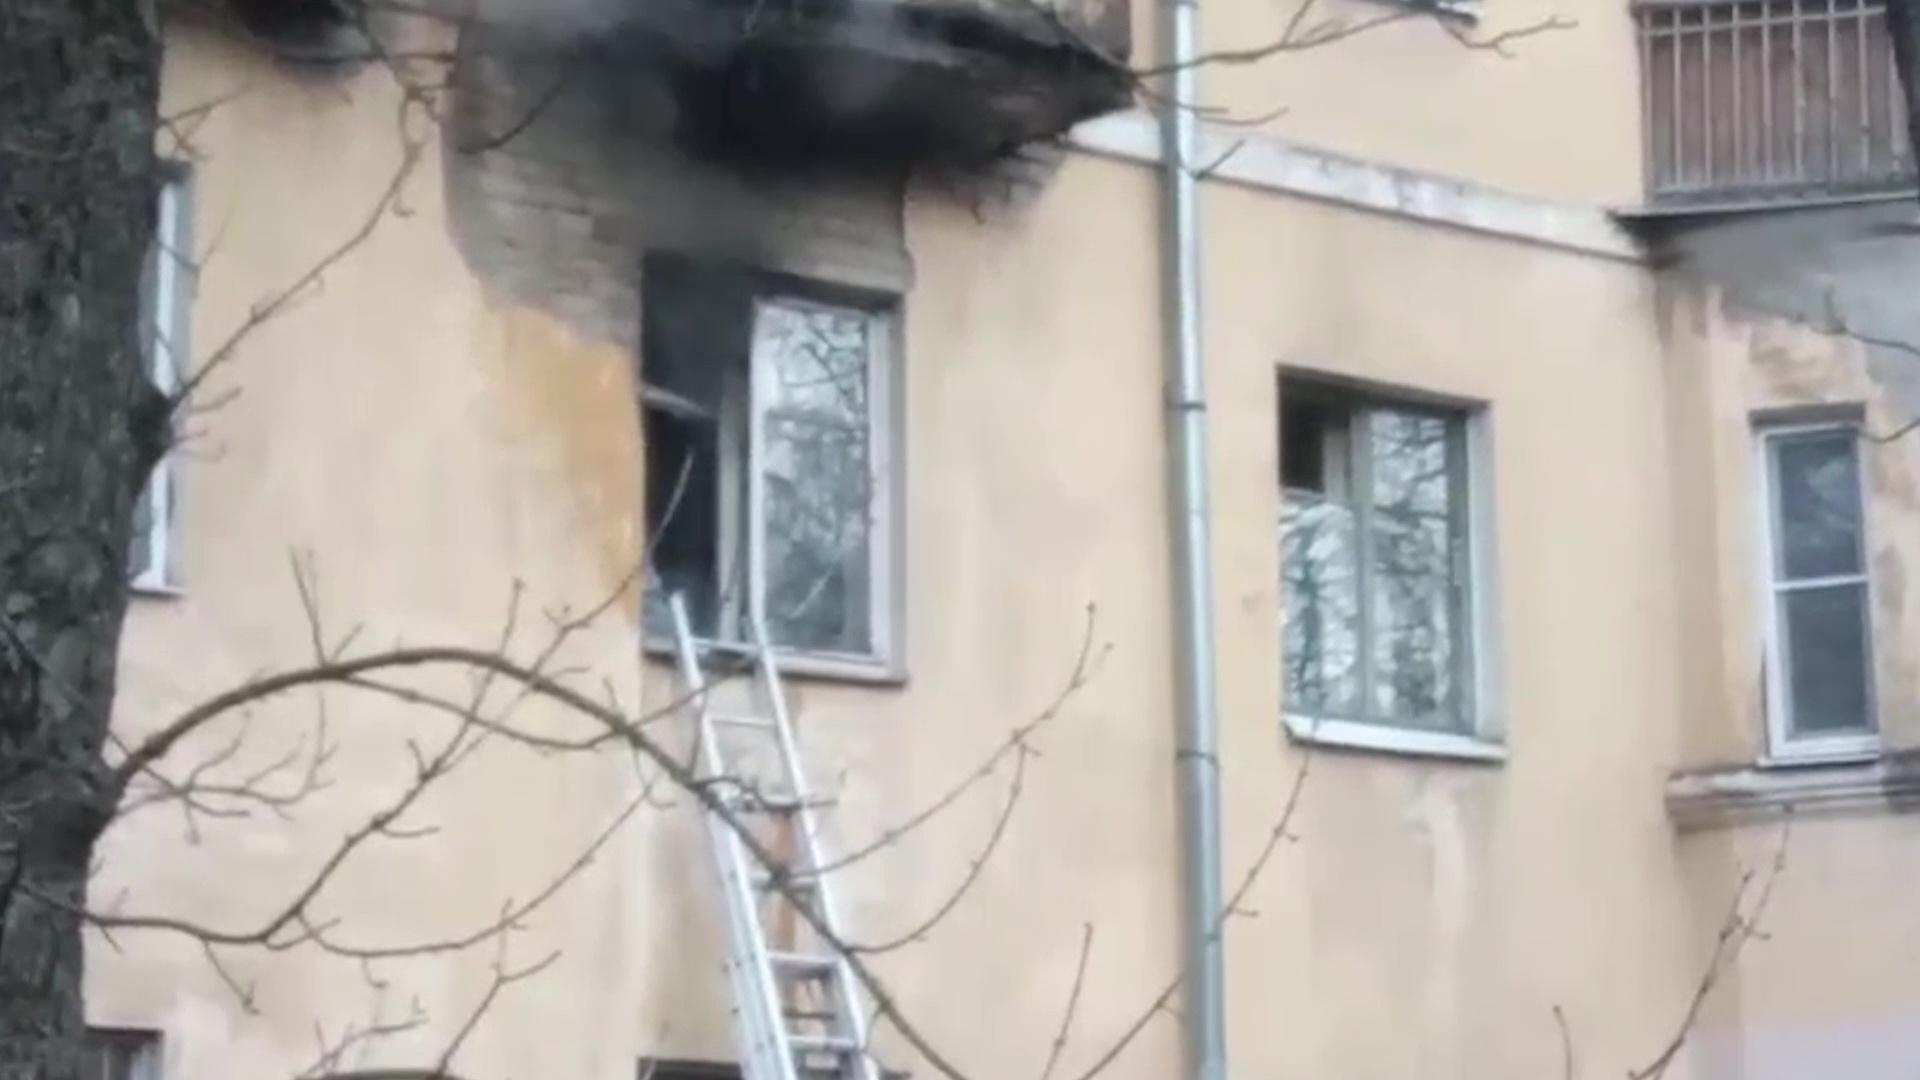 В Ярославле из-за пожара эвакуировали многоквартирный дом